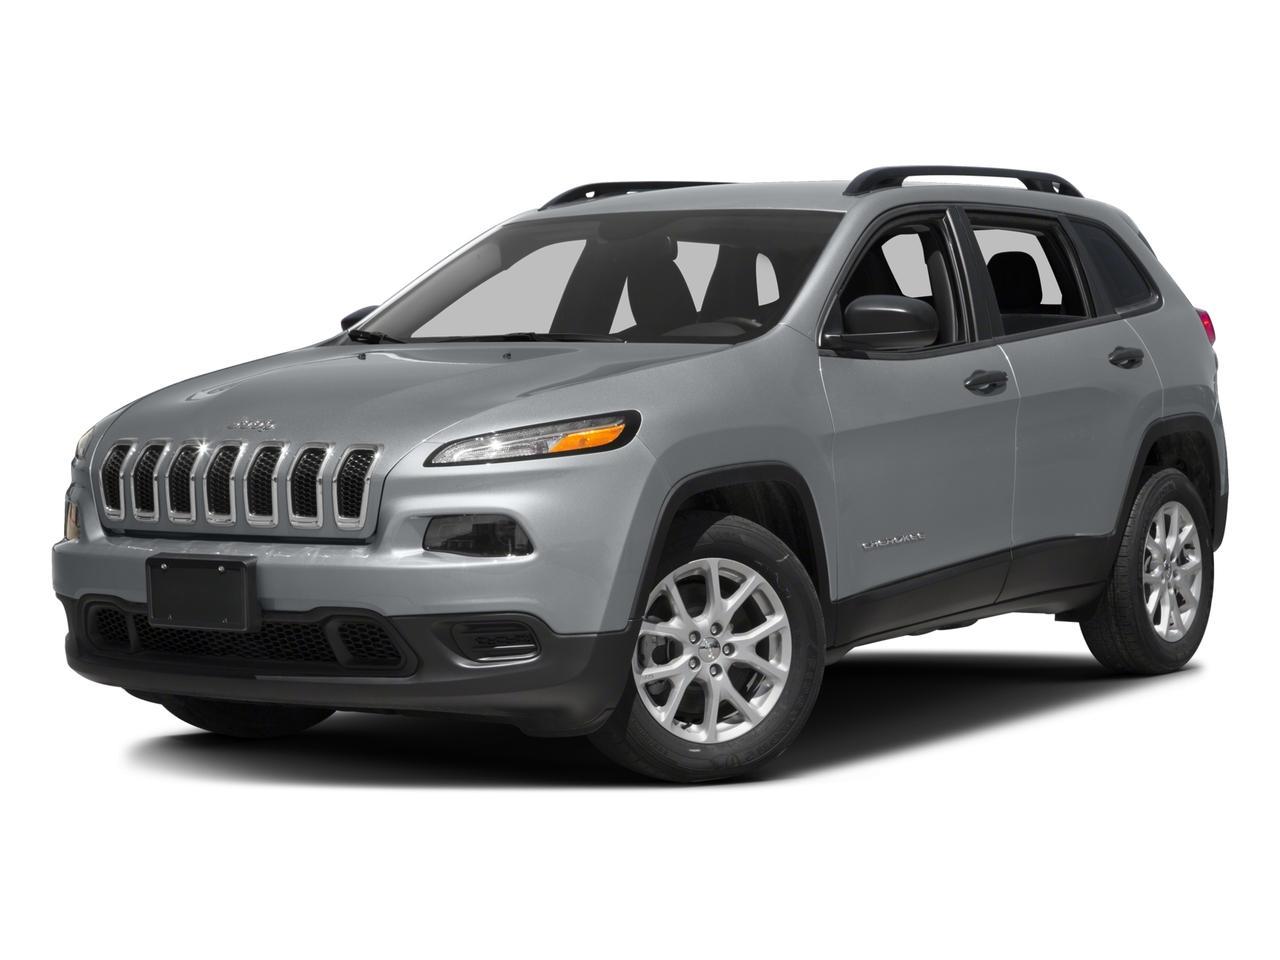 2017 Jeep Cherokee Vehicle Photo in OAK LAWN, IL 60453-2560